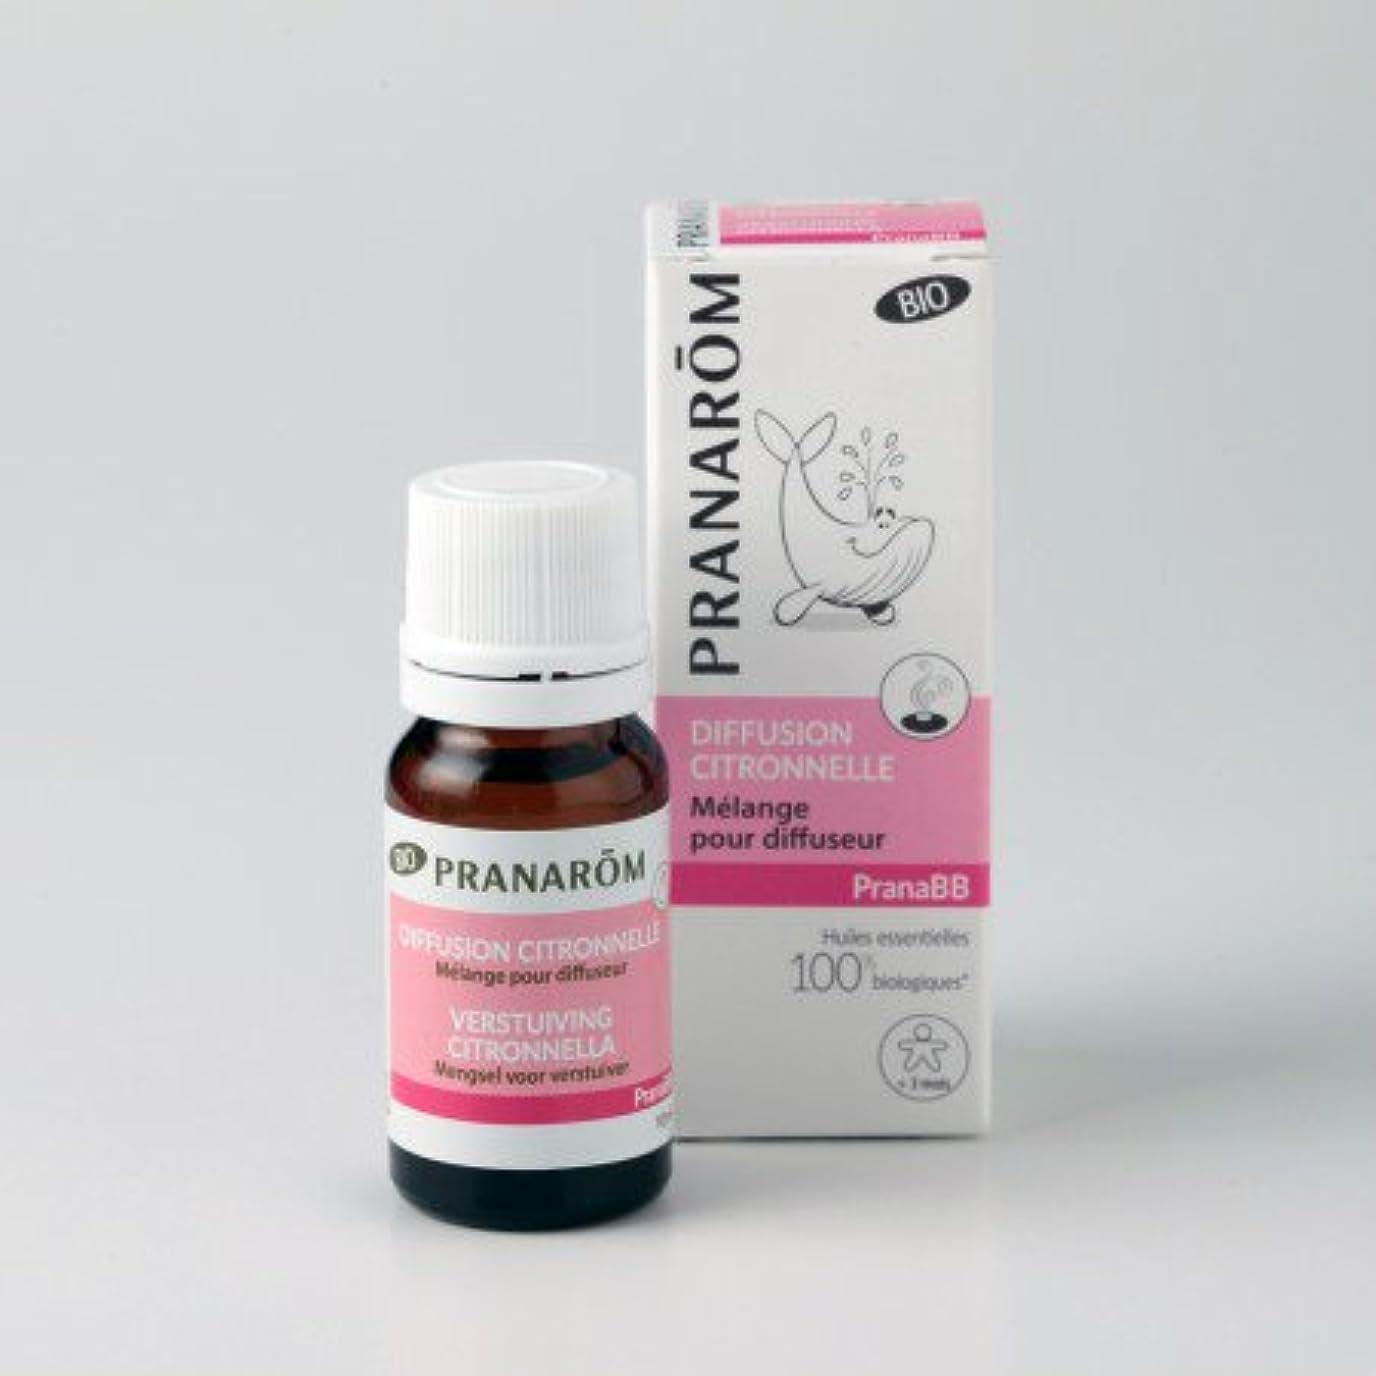 薄める同志気候の山プラナロム プラナBB ディフューザーオイル シトロネラ 10ml ルームコロン (PRANAROM プラナBB)